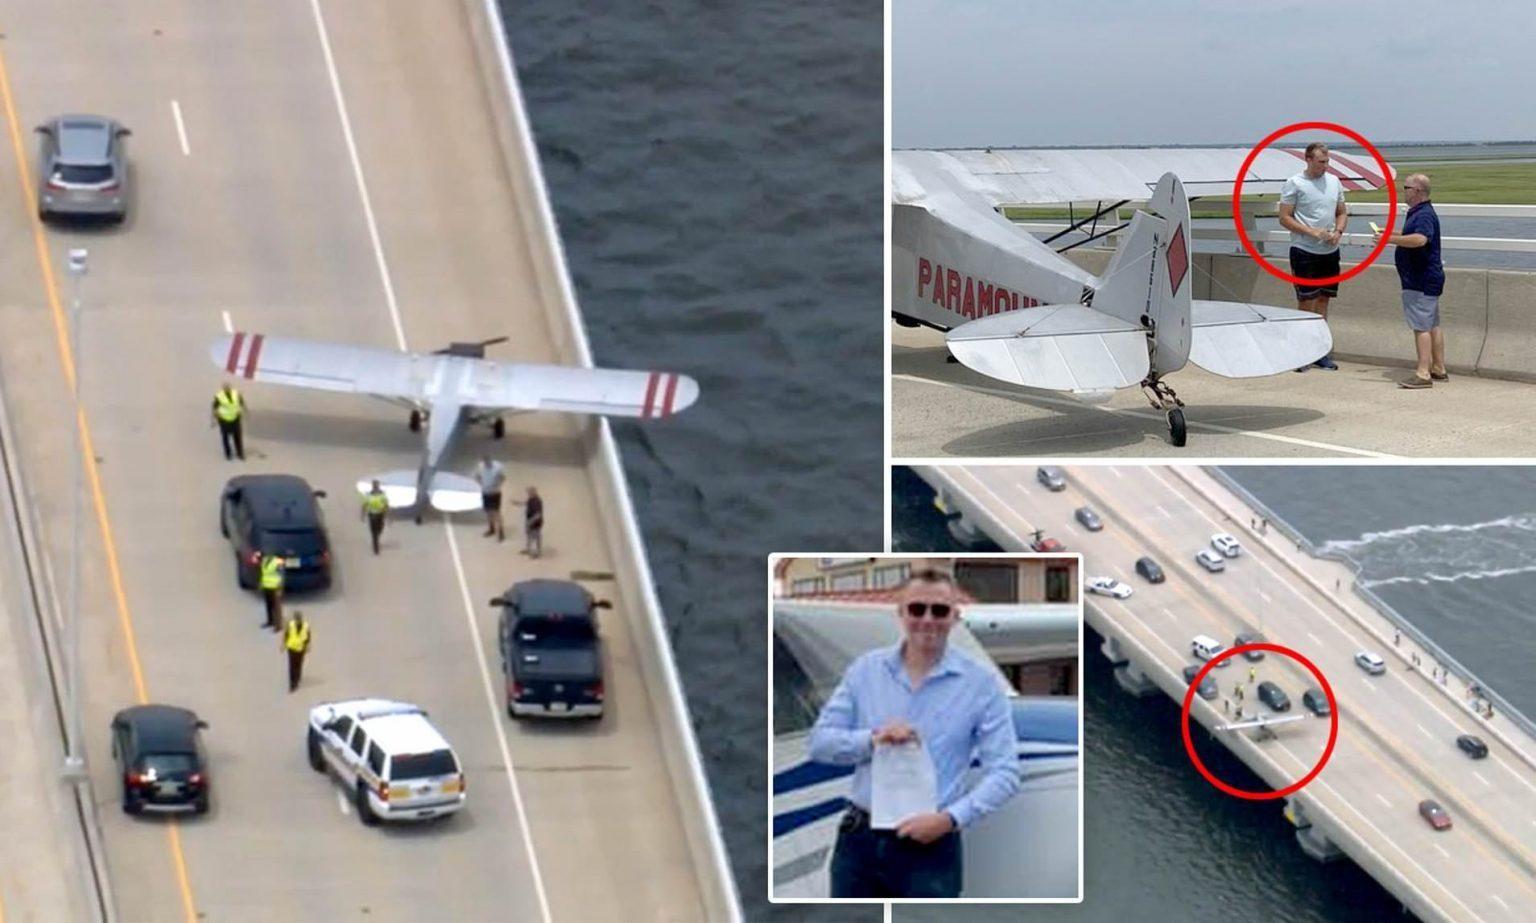 आपत परेपछि १८ वर्षका युवकले गाडी दौडिरहेको सडकको पुलमा विमान ल्याण्ड गराए